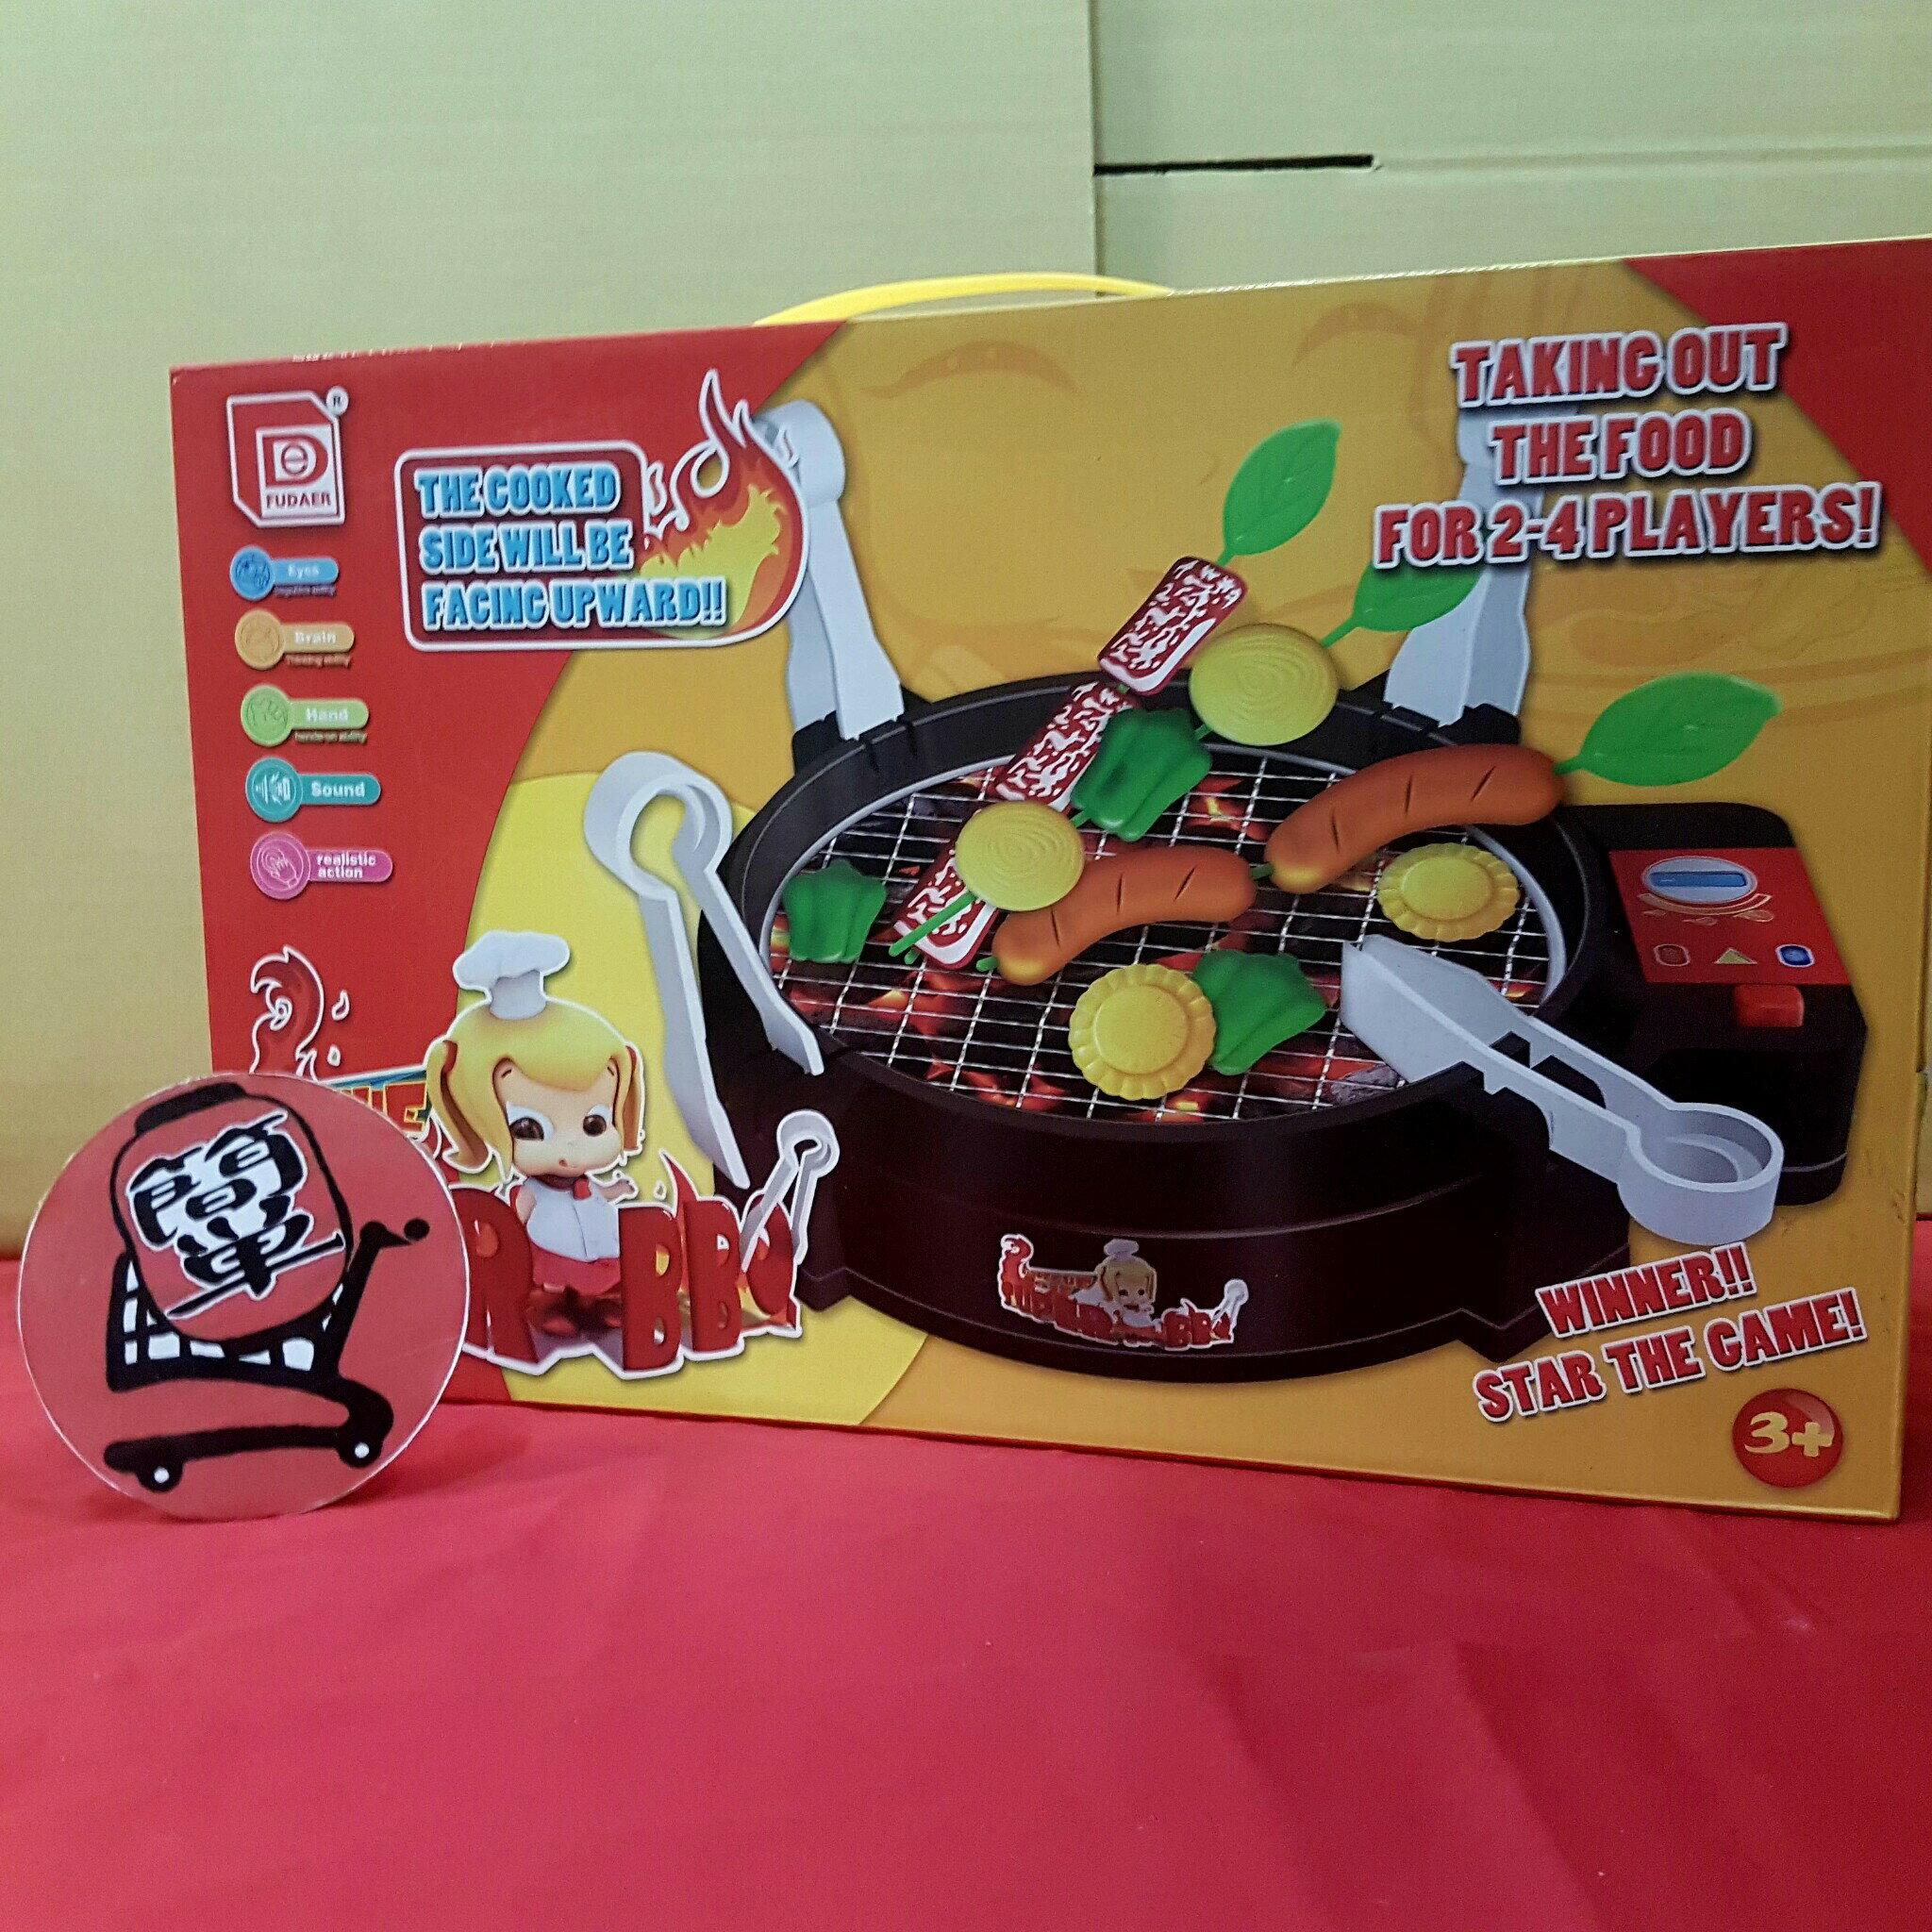 ~簡単 購~電動歡樂烤肉盤遊戲組 過家家擬真烤肉玩具 商檢合格